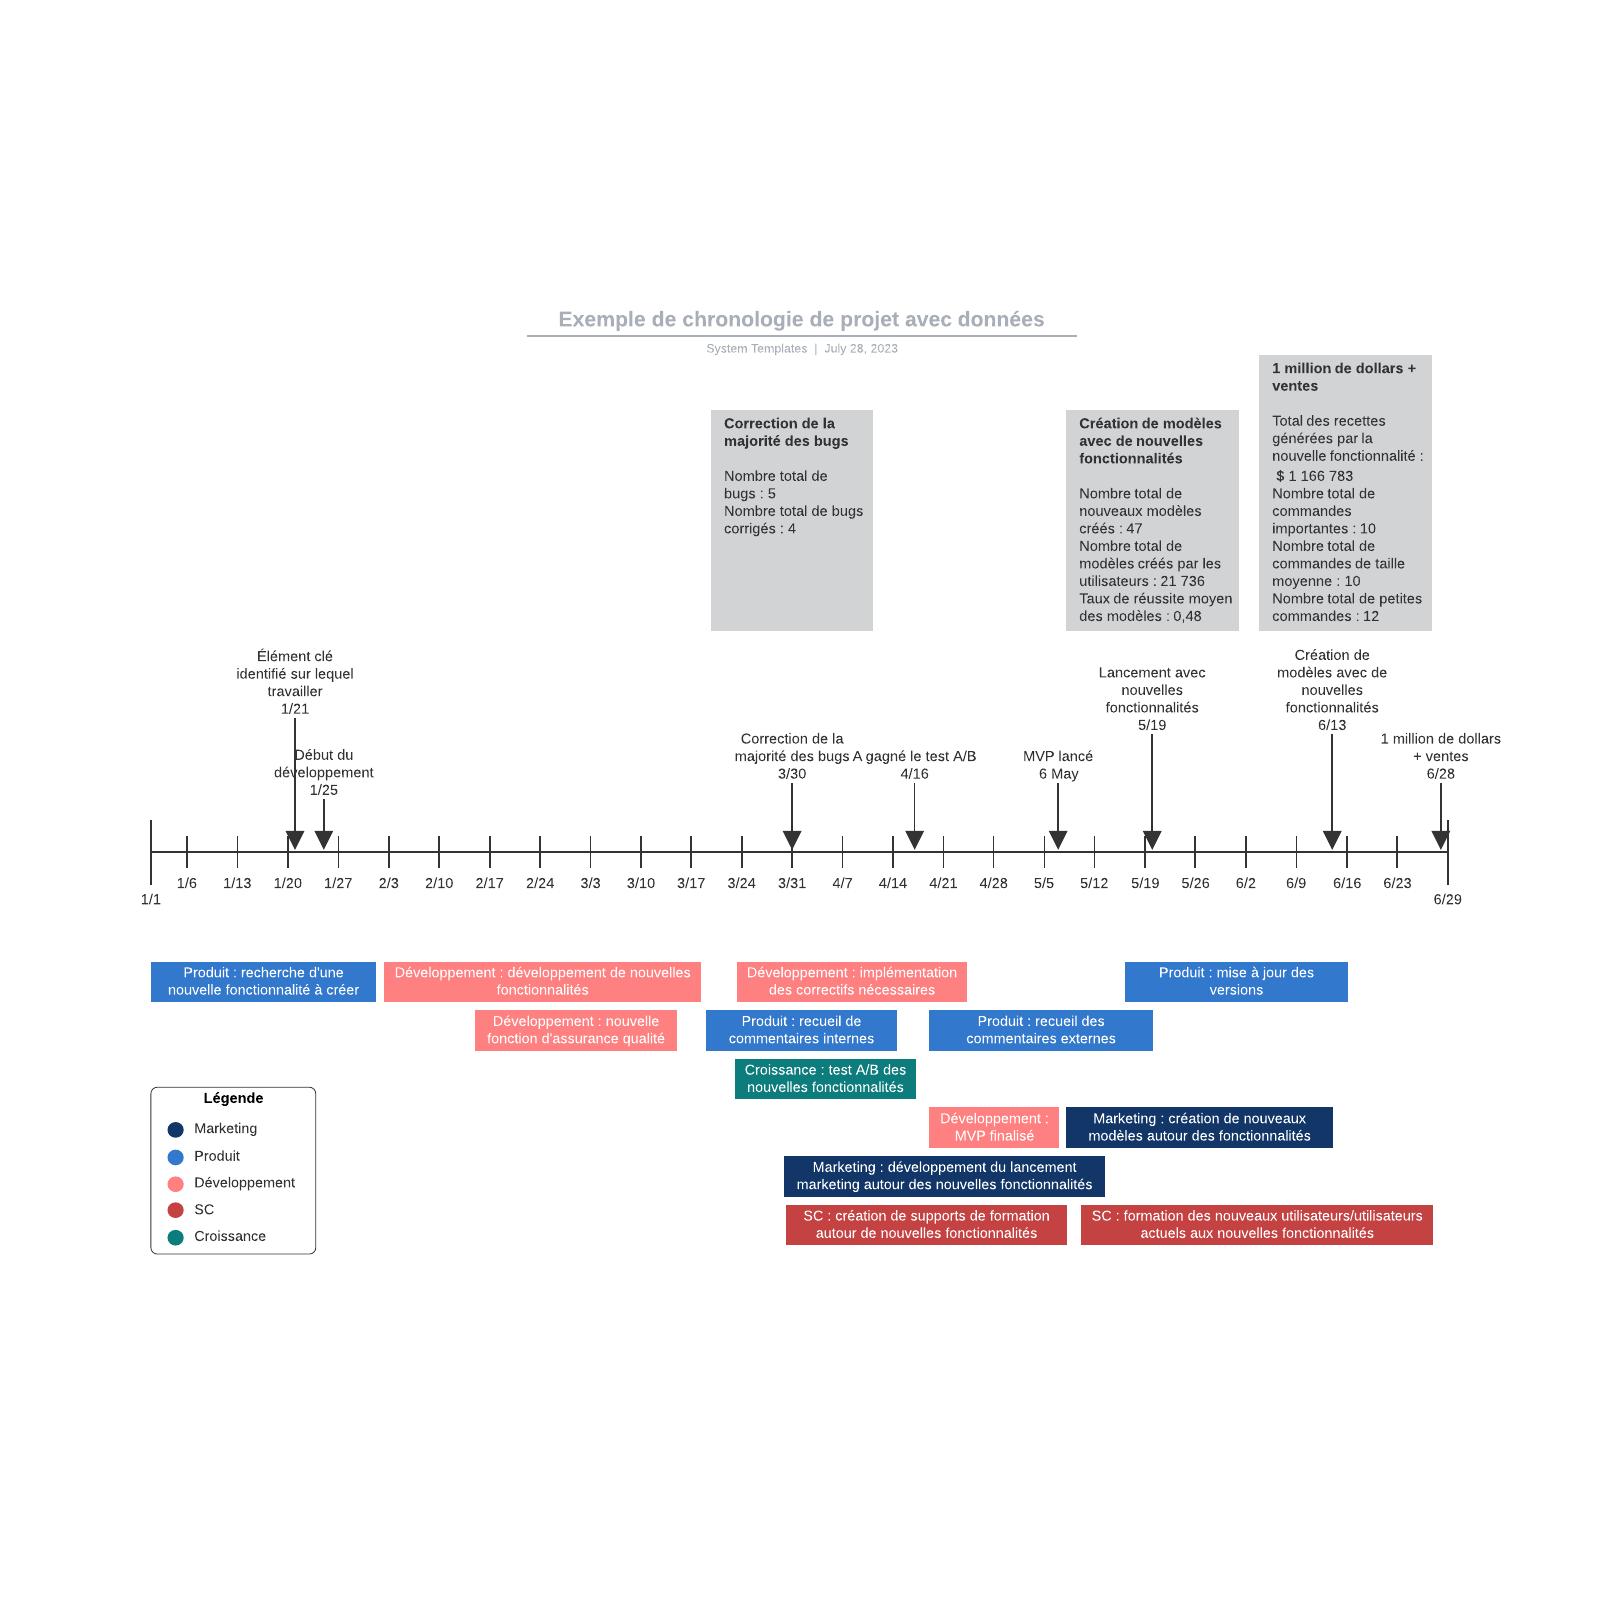 exemple de chronologie de projet avec données